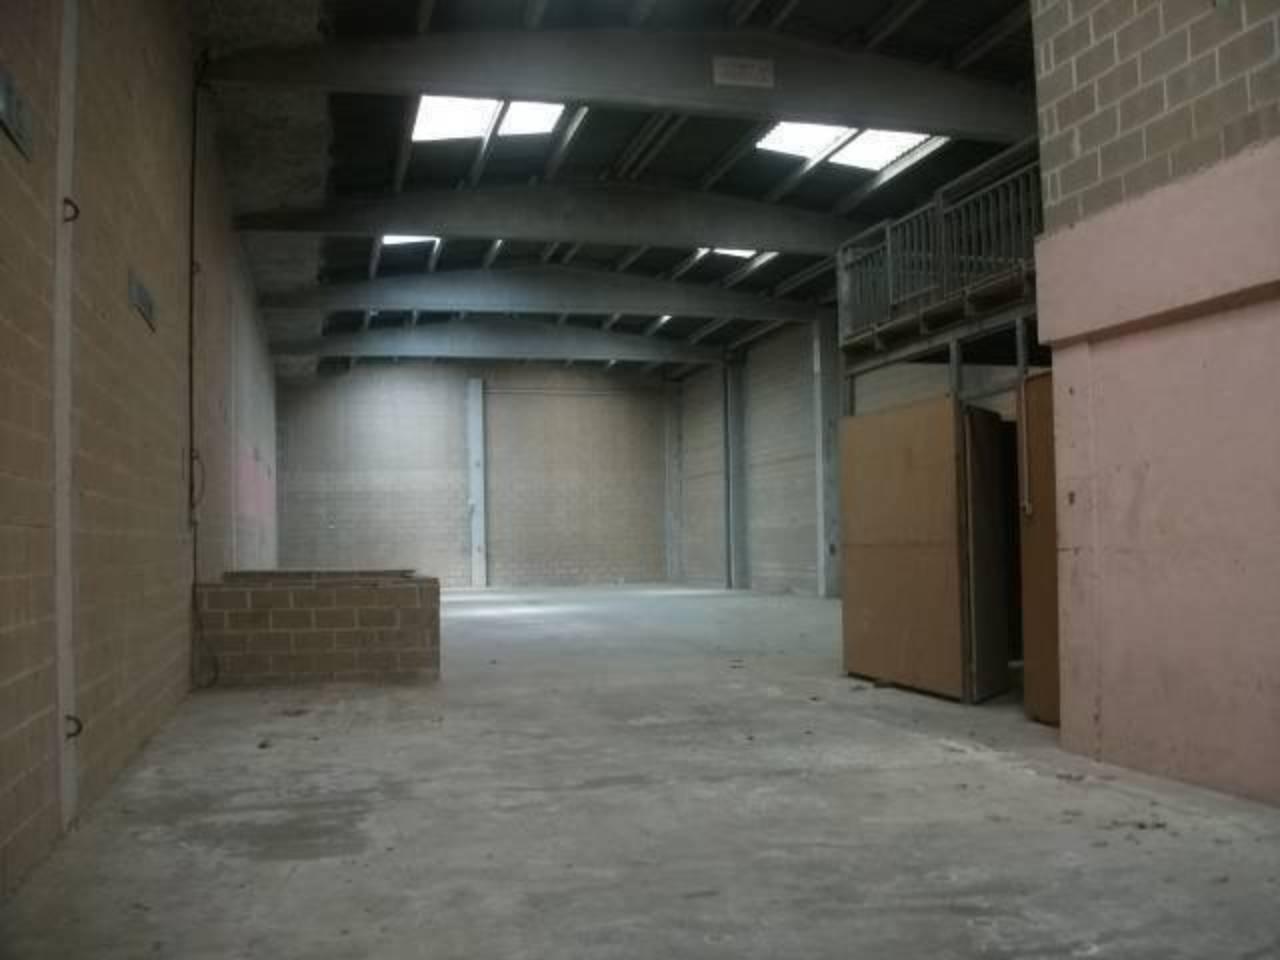 Lloguer Nau industrial  Polig.bufalvent. Nave industrial de 480m2 y un patio de 100m2.hay oficinas en dos